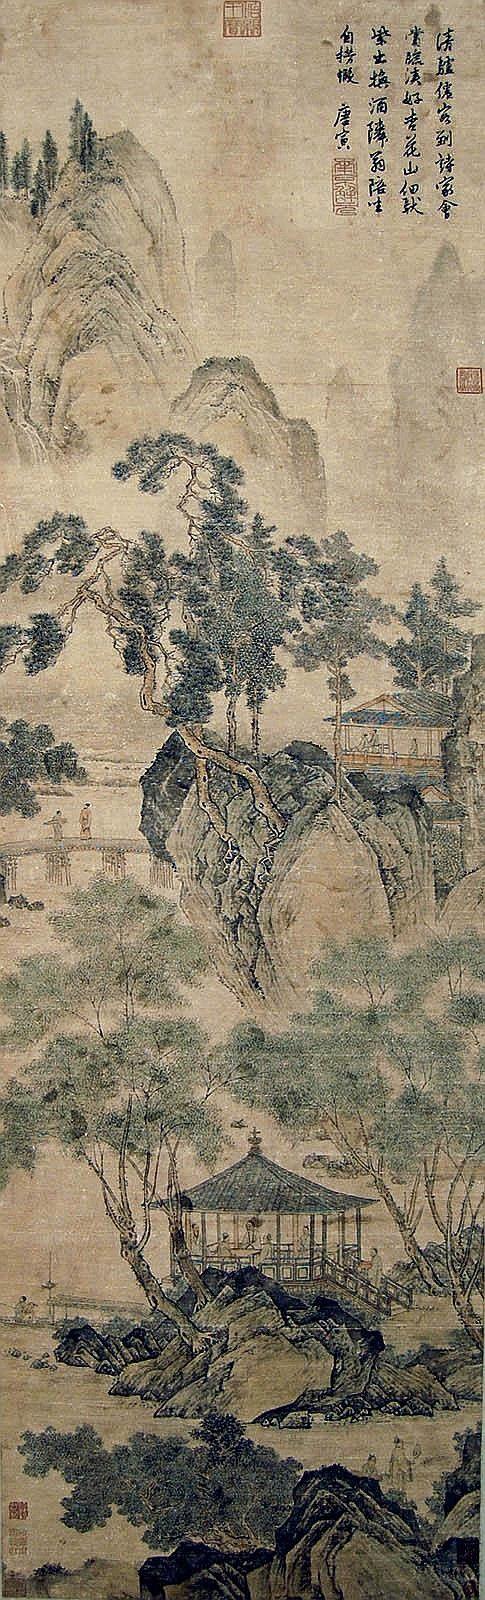 明 唐寅 (1470 - 1523) 遊春圖 Tang Yin  Ming Dynasty  Spring Outing